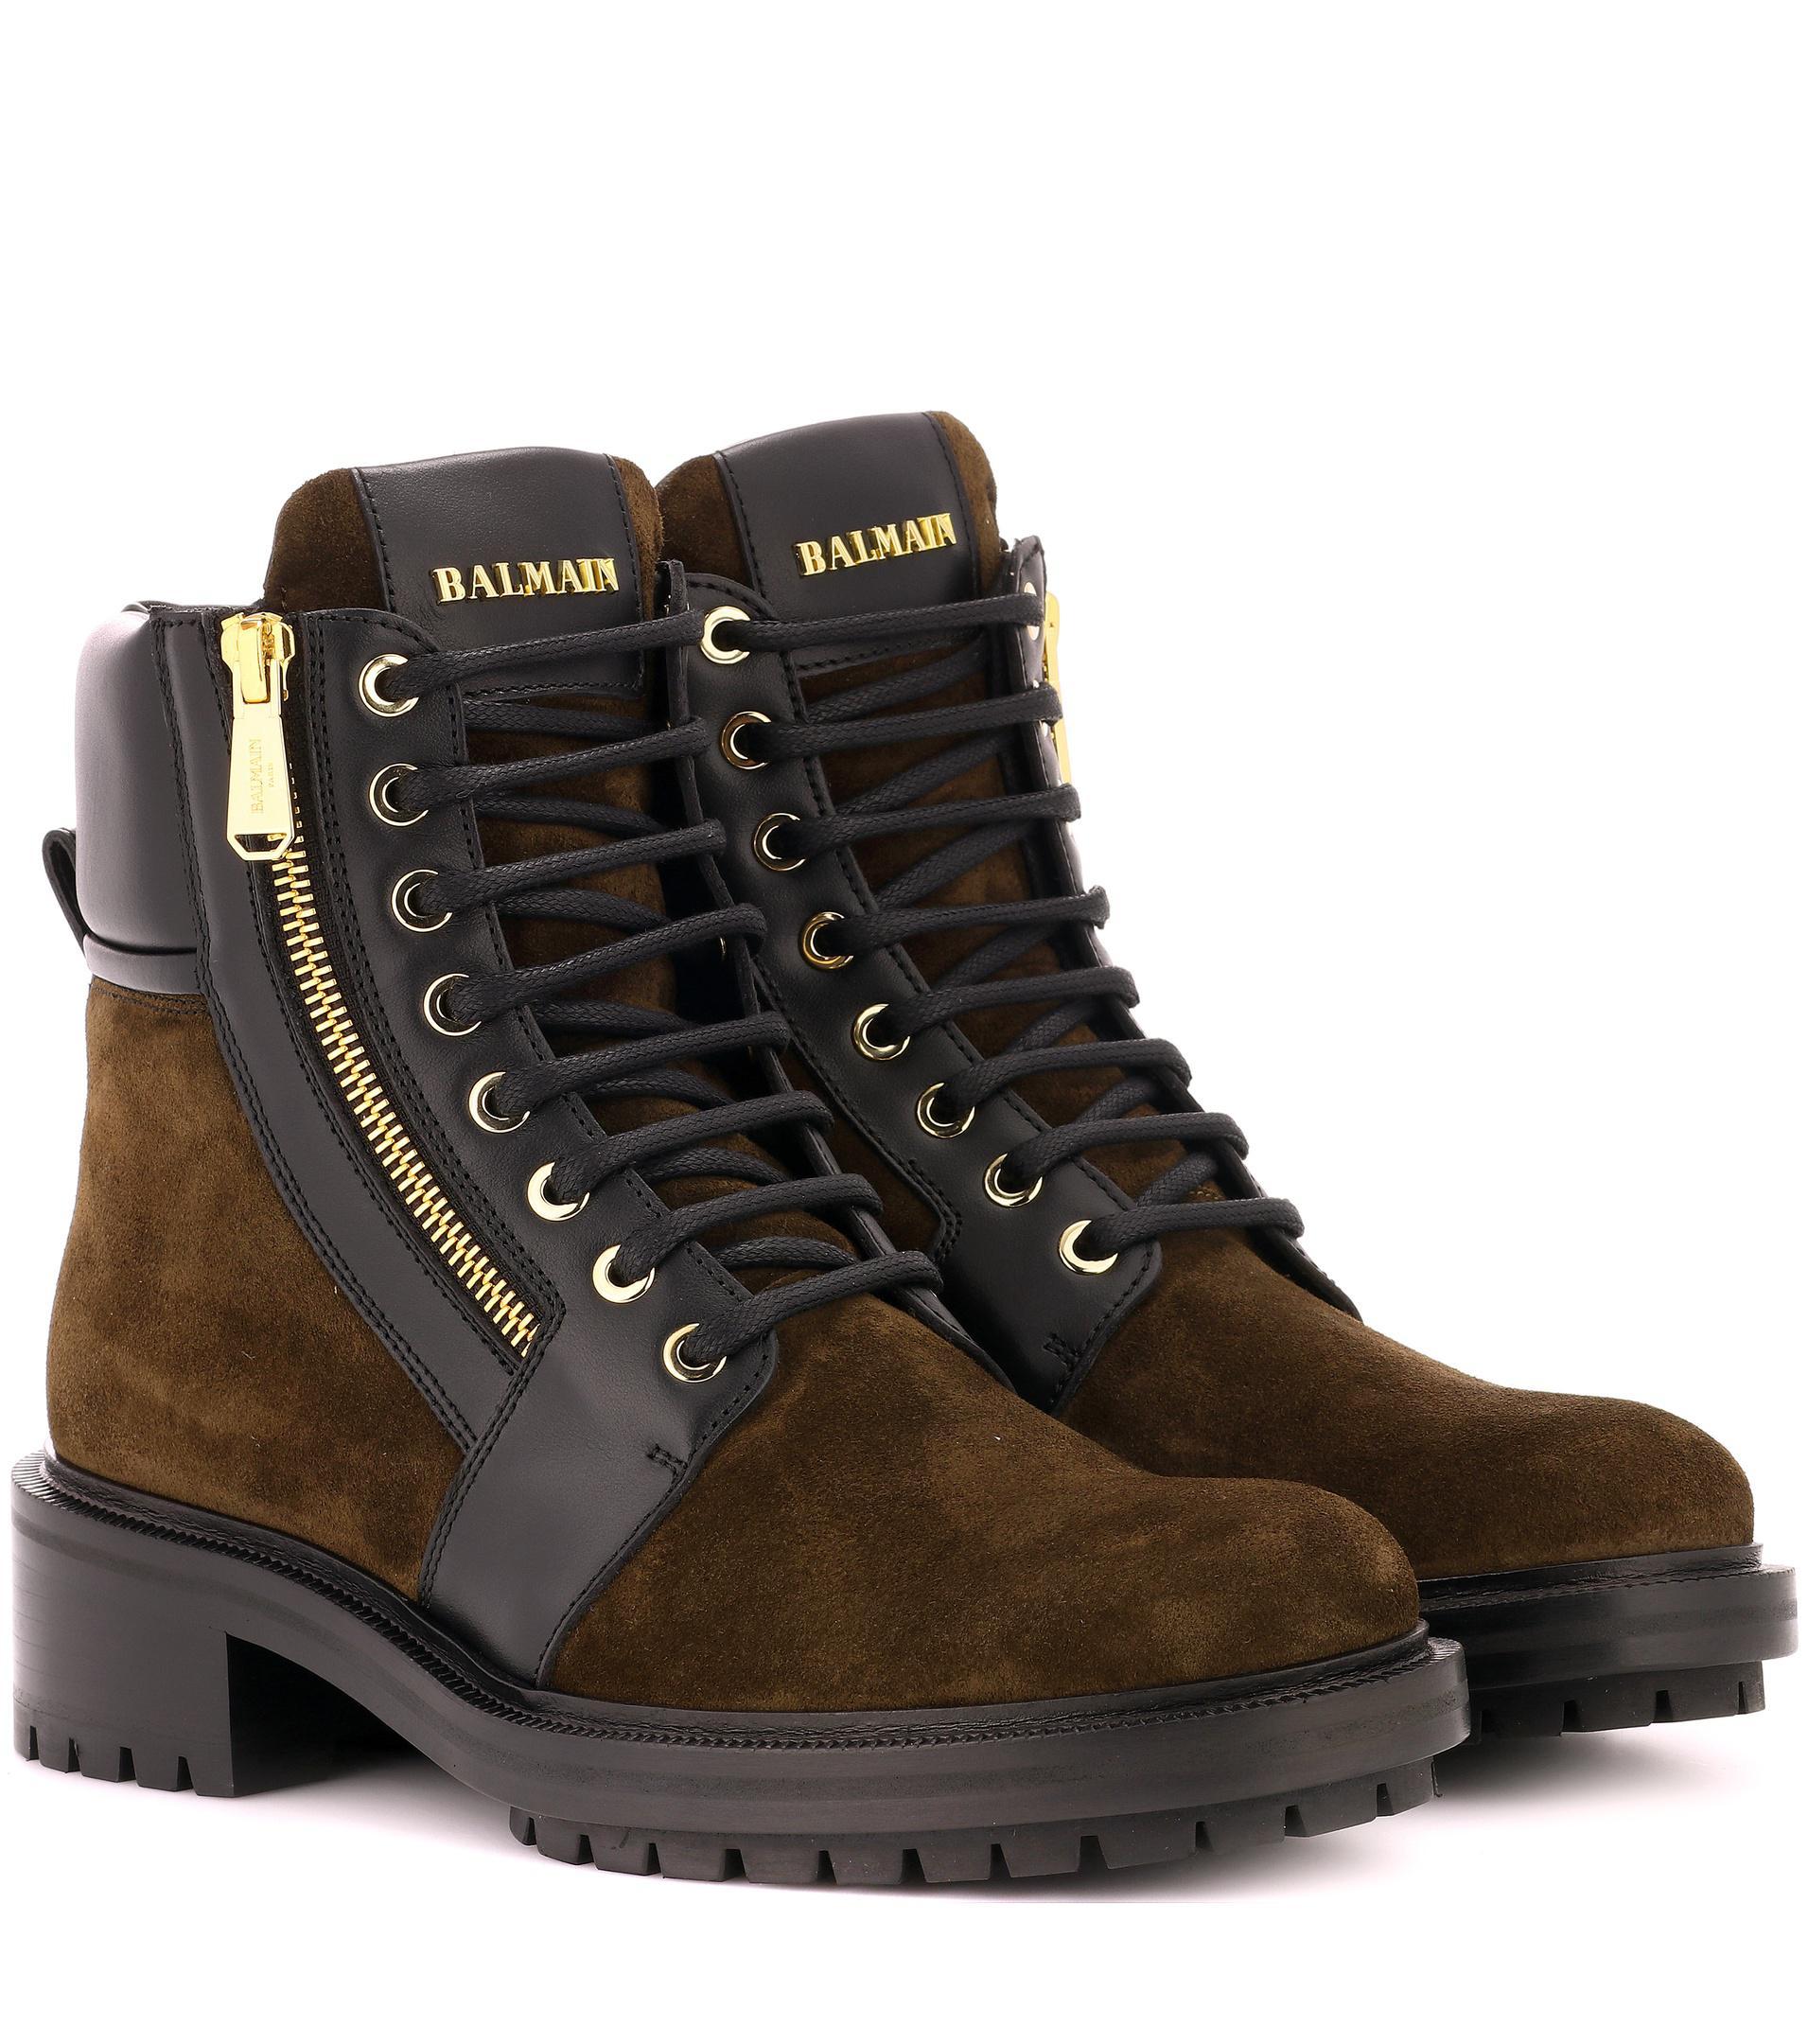 Ranger suede ankle boots Balmain lwQUS8xpG